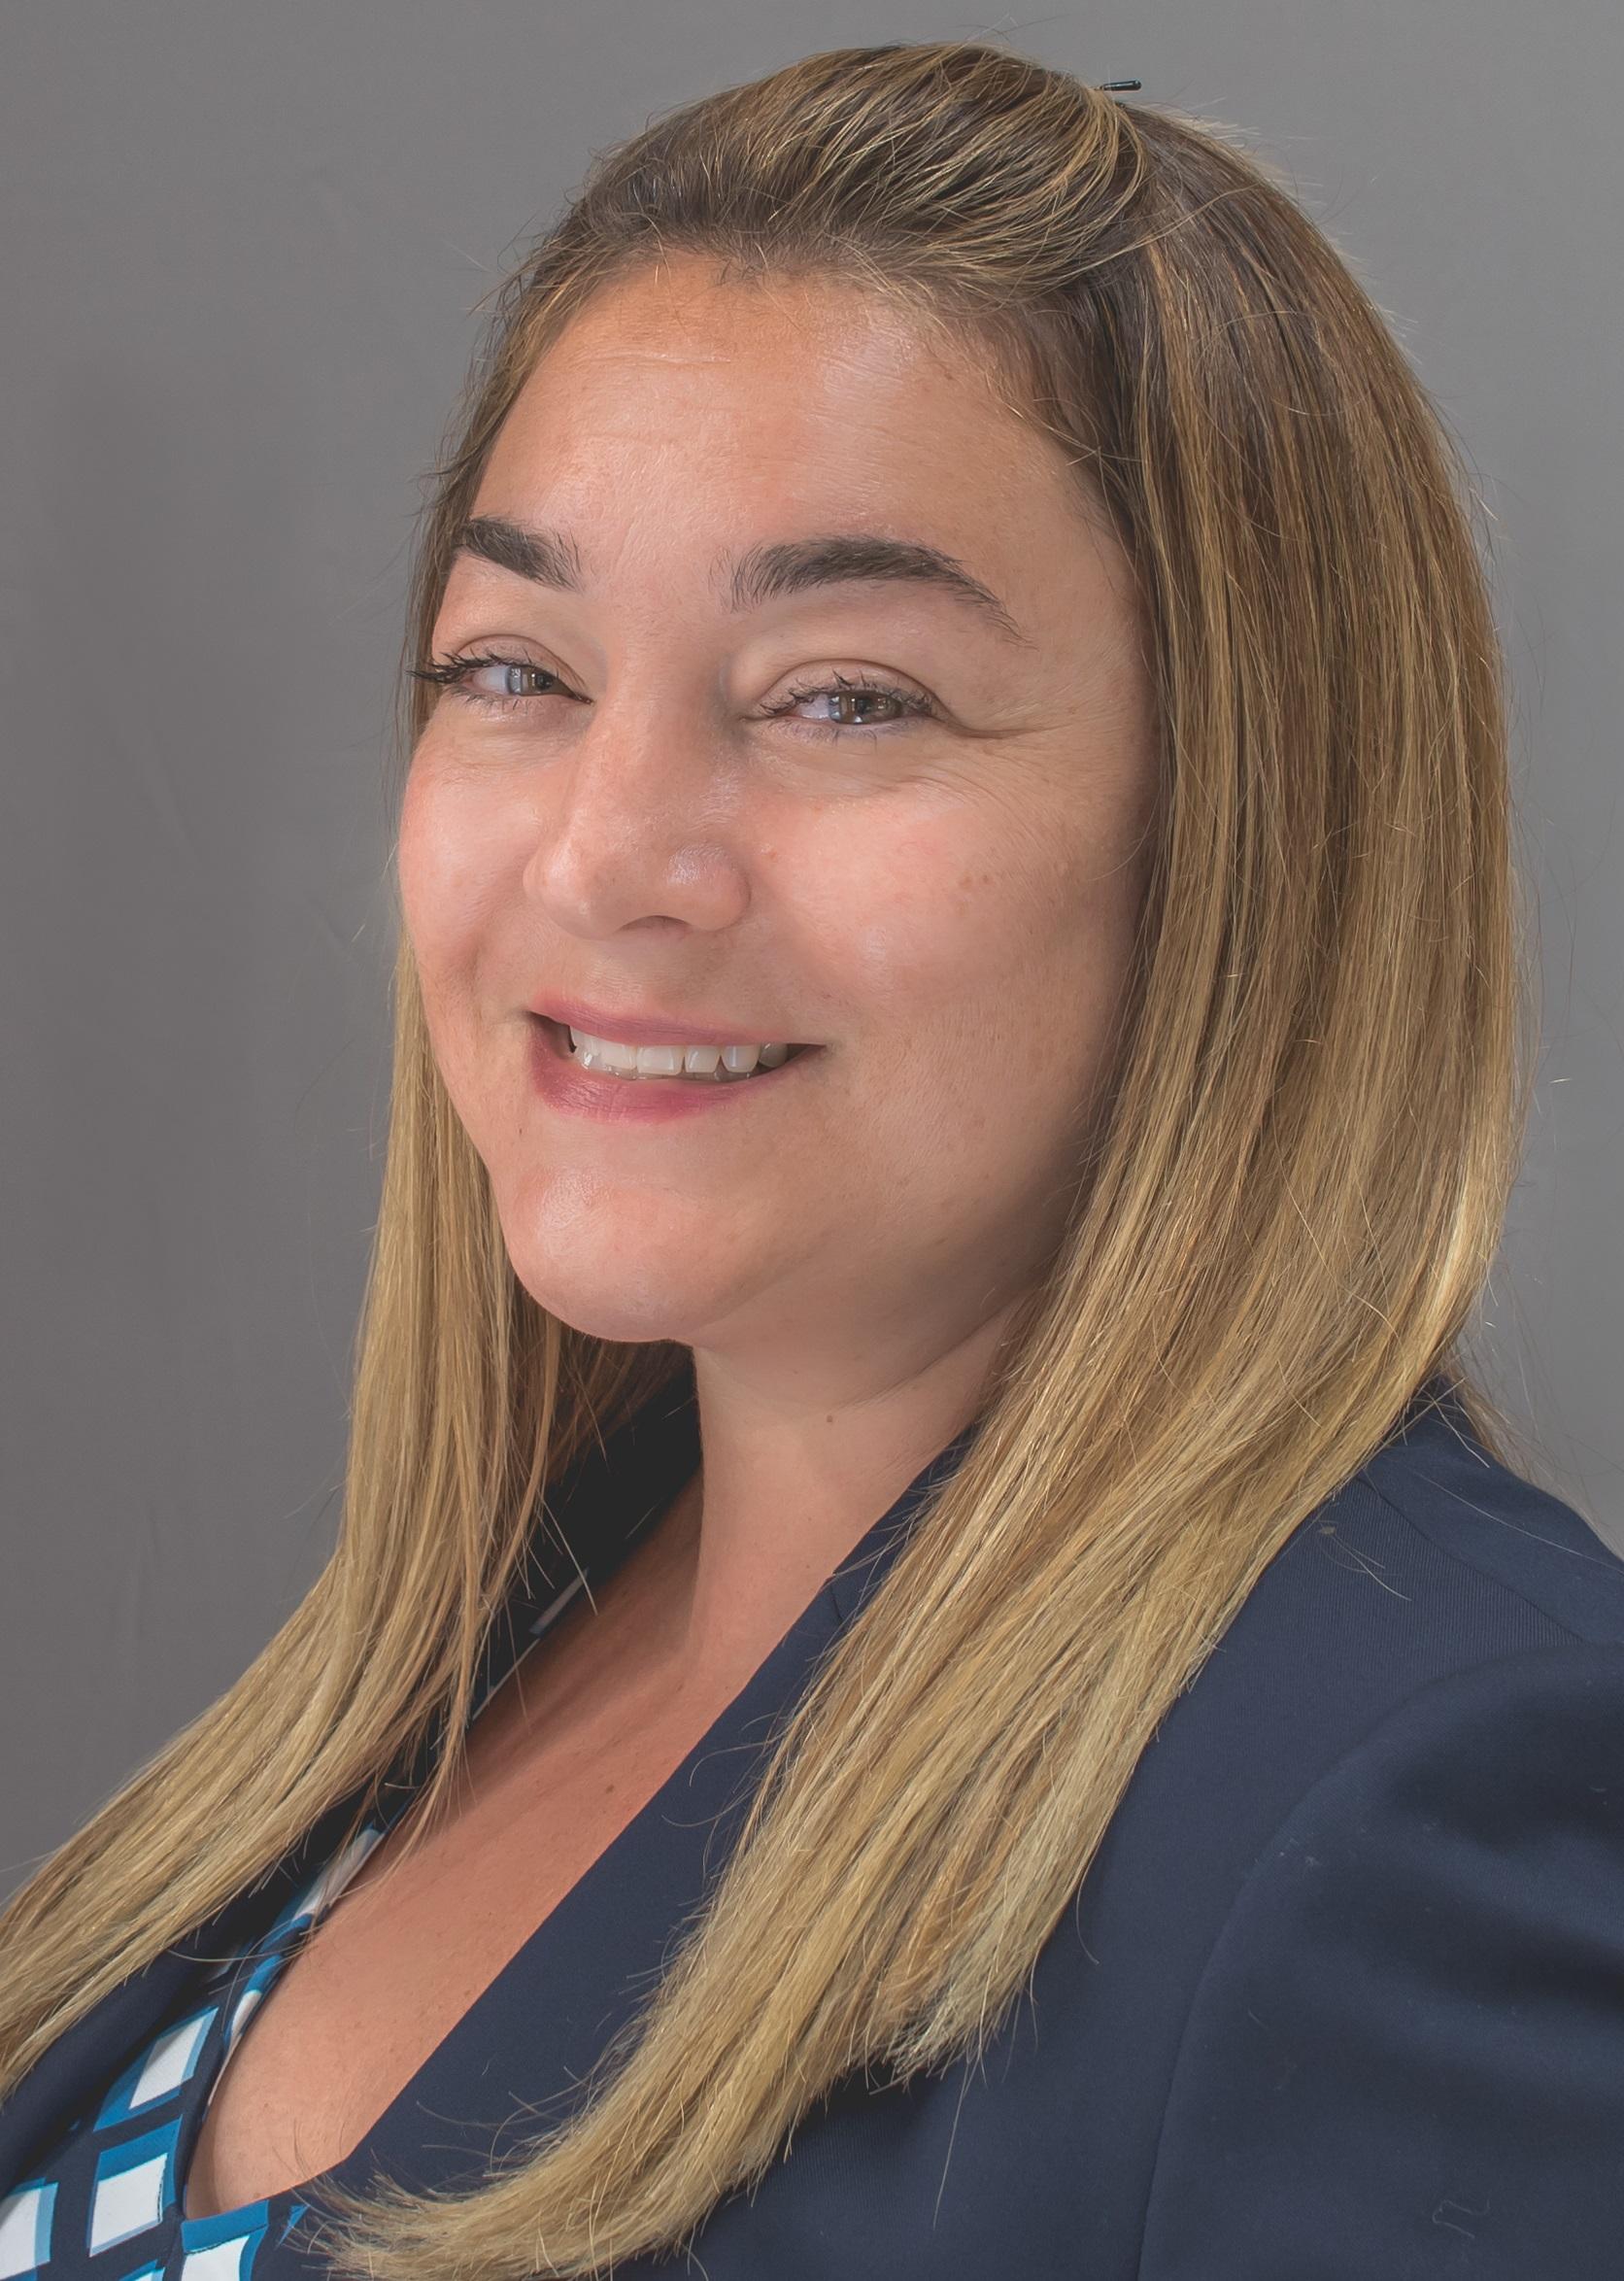 Tara Gutman